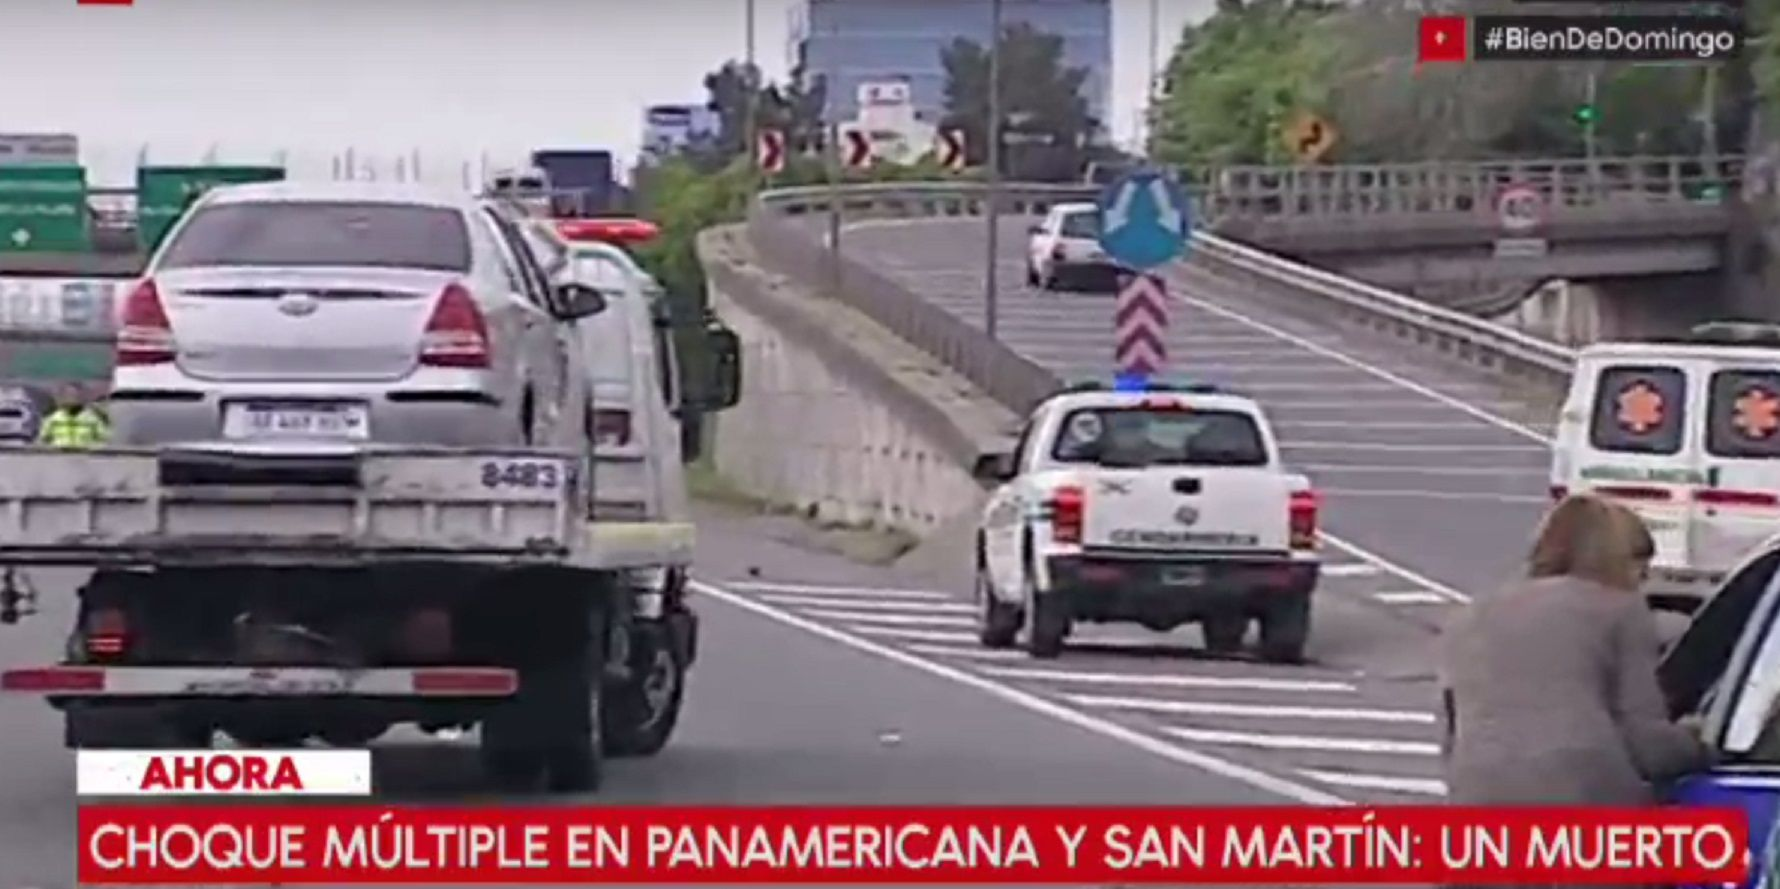 Choque múltiple entre varios autos y una moto en Panamericana: un muerto